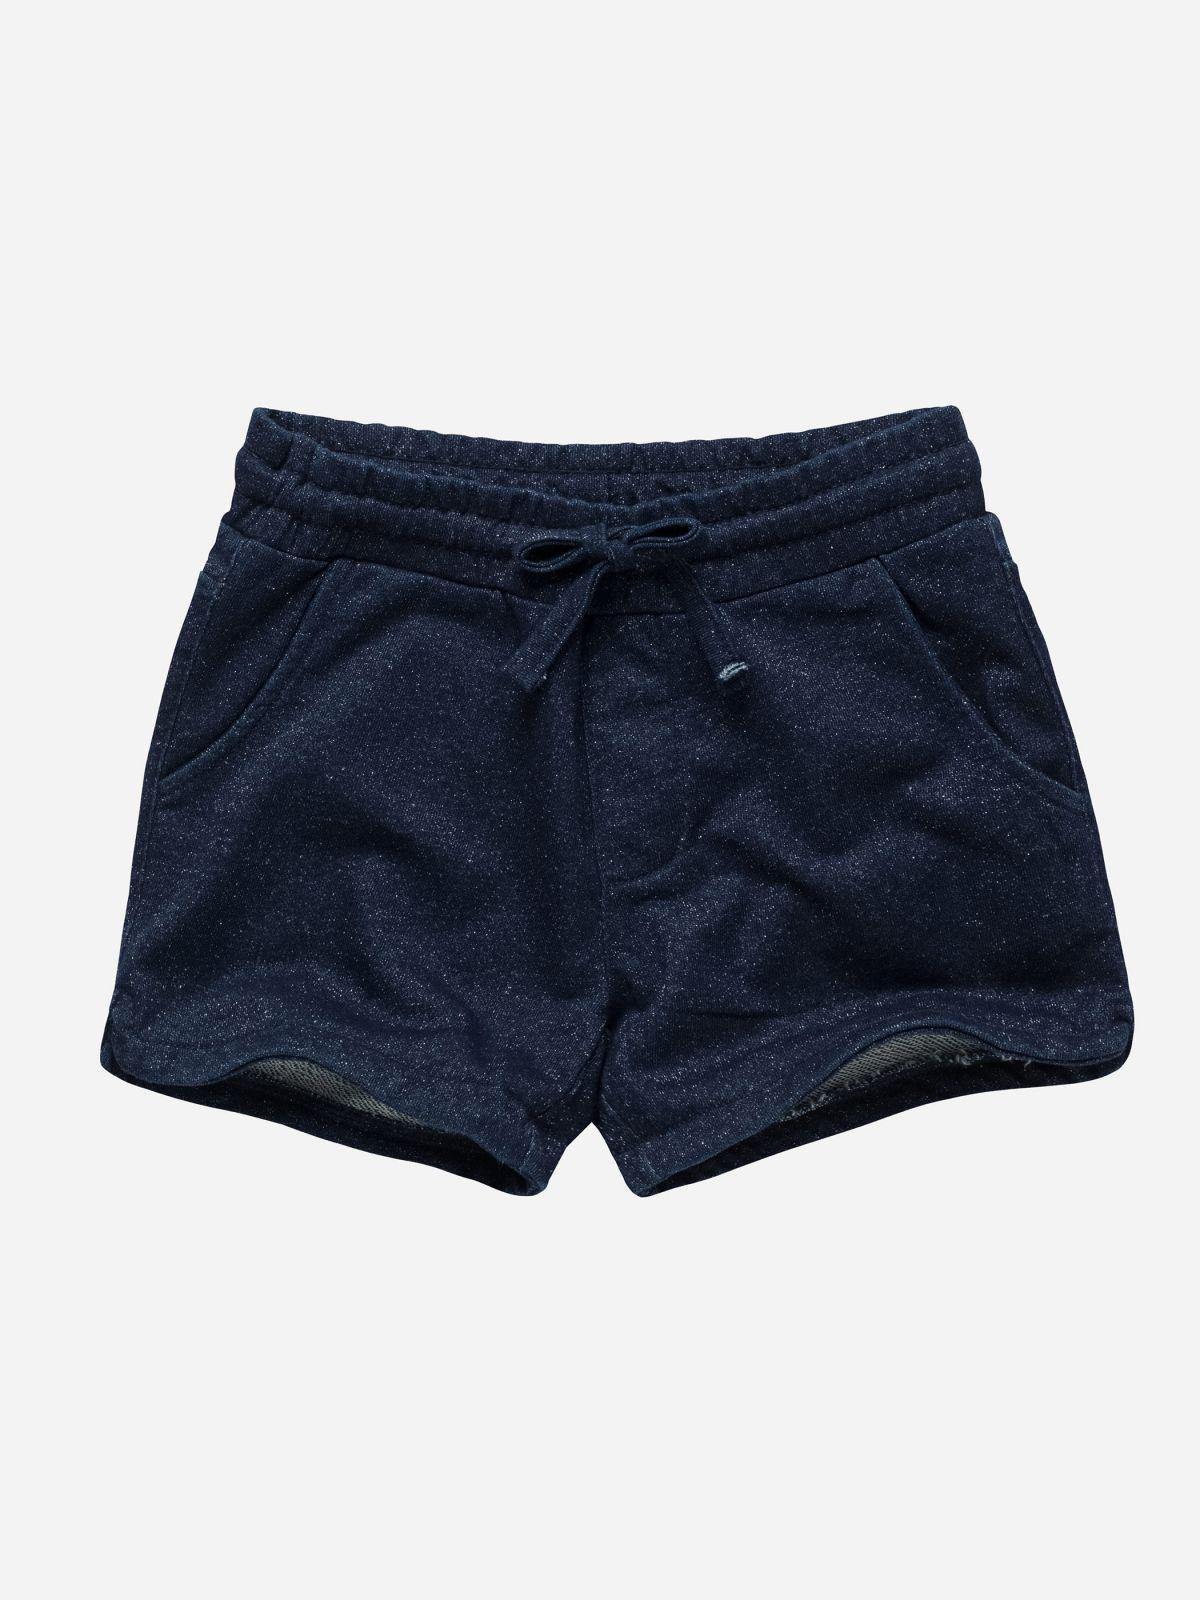 מכנסיים קצרים דמוי ג'ינס מנצנץ / בנותמכנסיים קצרים דמוי ג'ינס מנצנץ / בנות של FOX